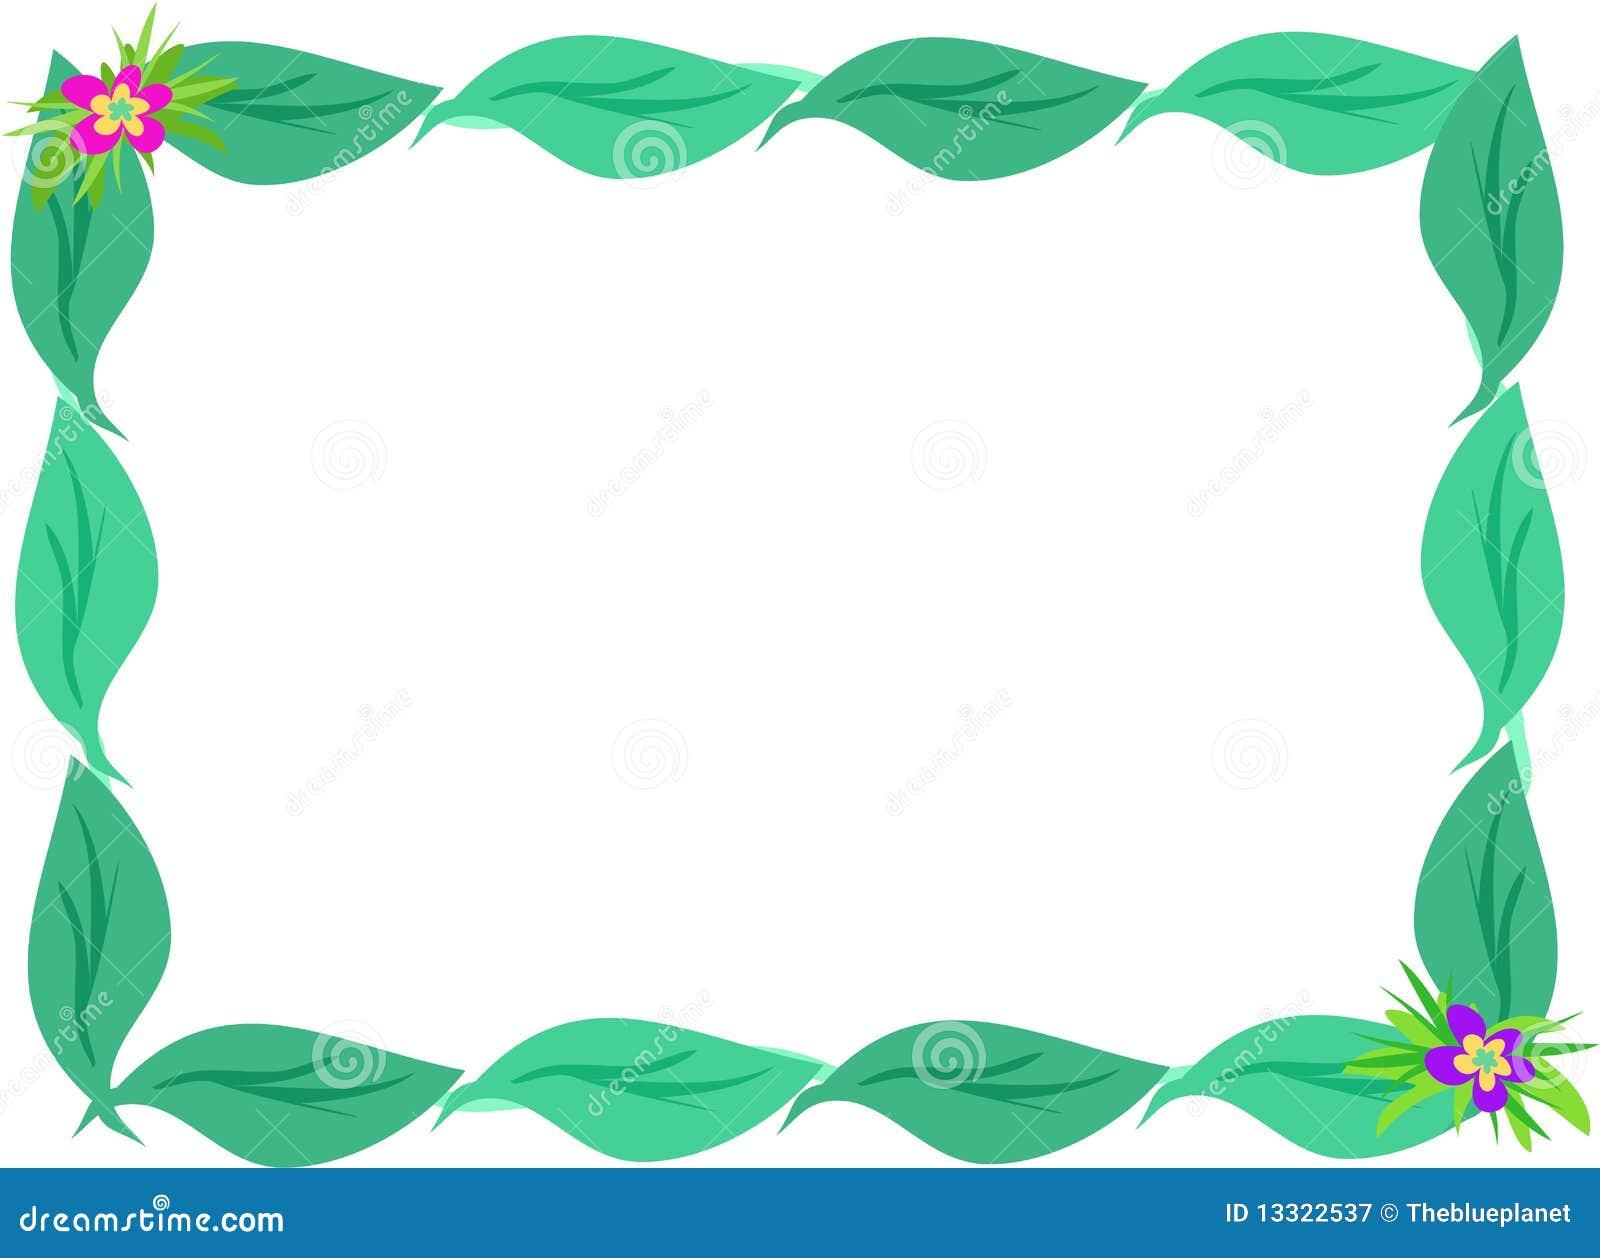 Fantástico Grandes Marcos Ovalados Patrón - Ideas Personalizadas de ...